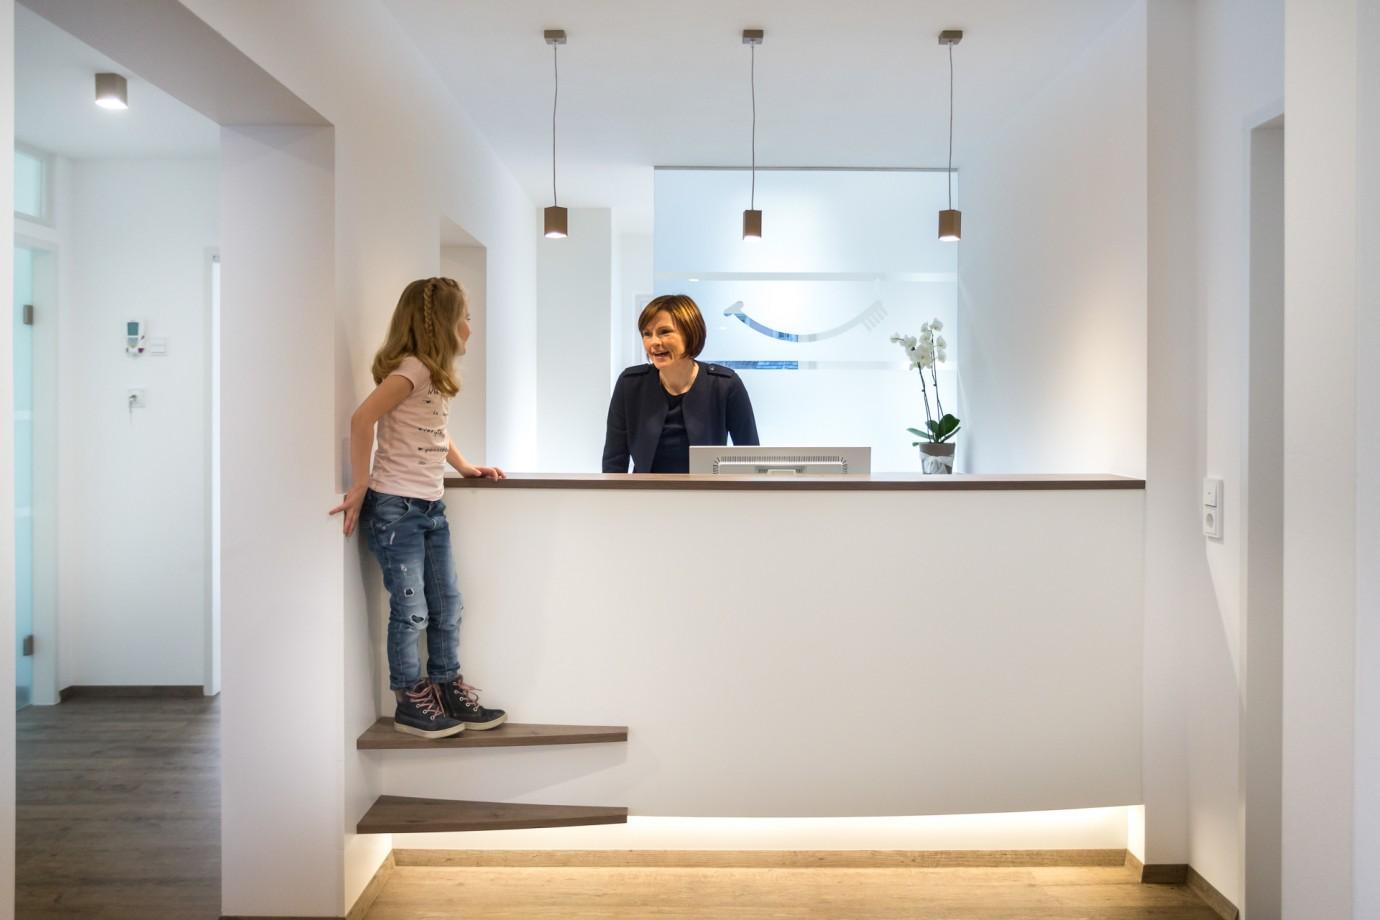 Anmeldung Zahnarzt in Abfaltersbach